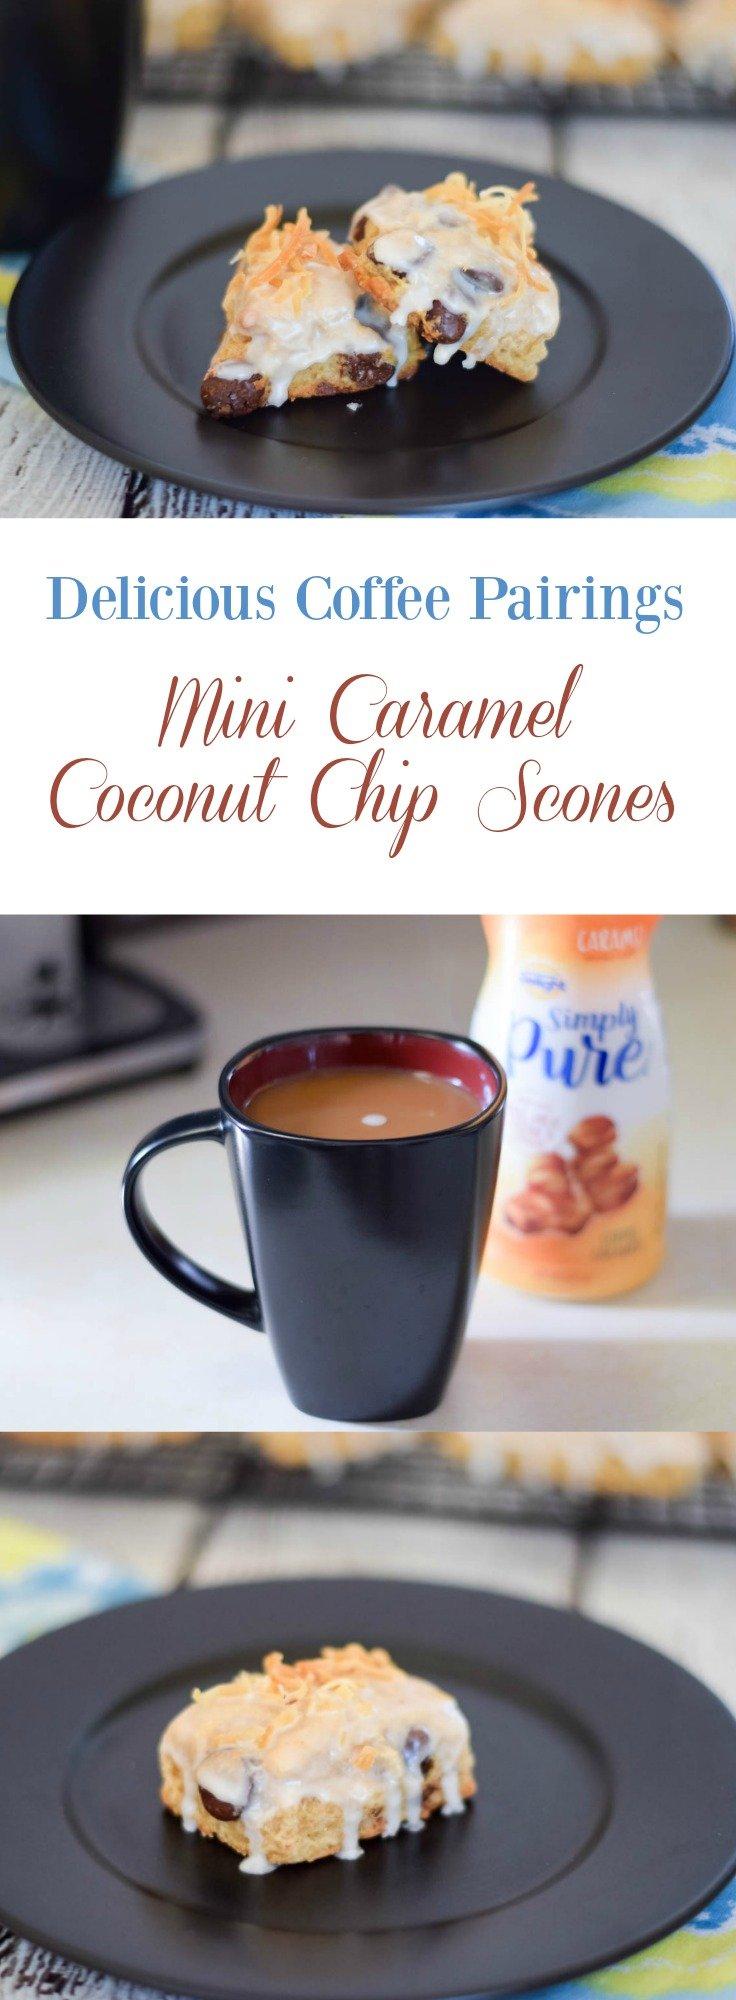 Mini Caramel Coconut Chip Scones